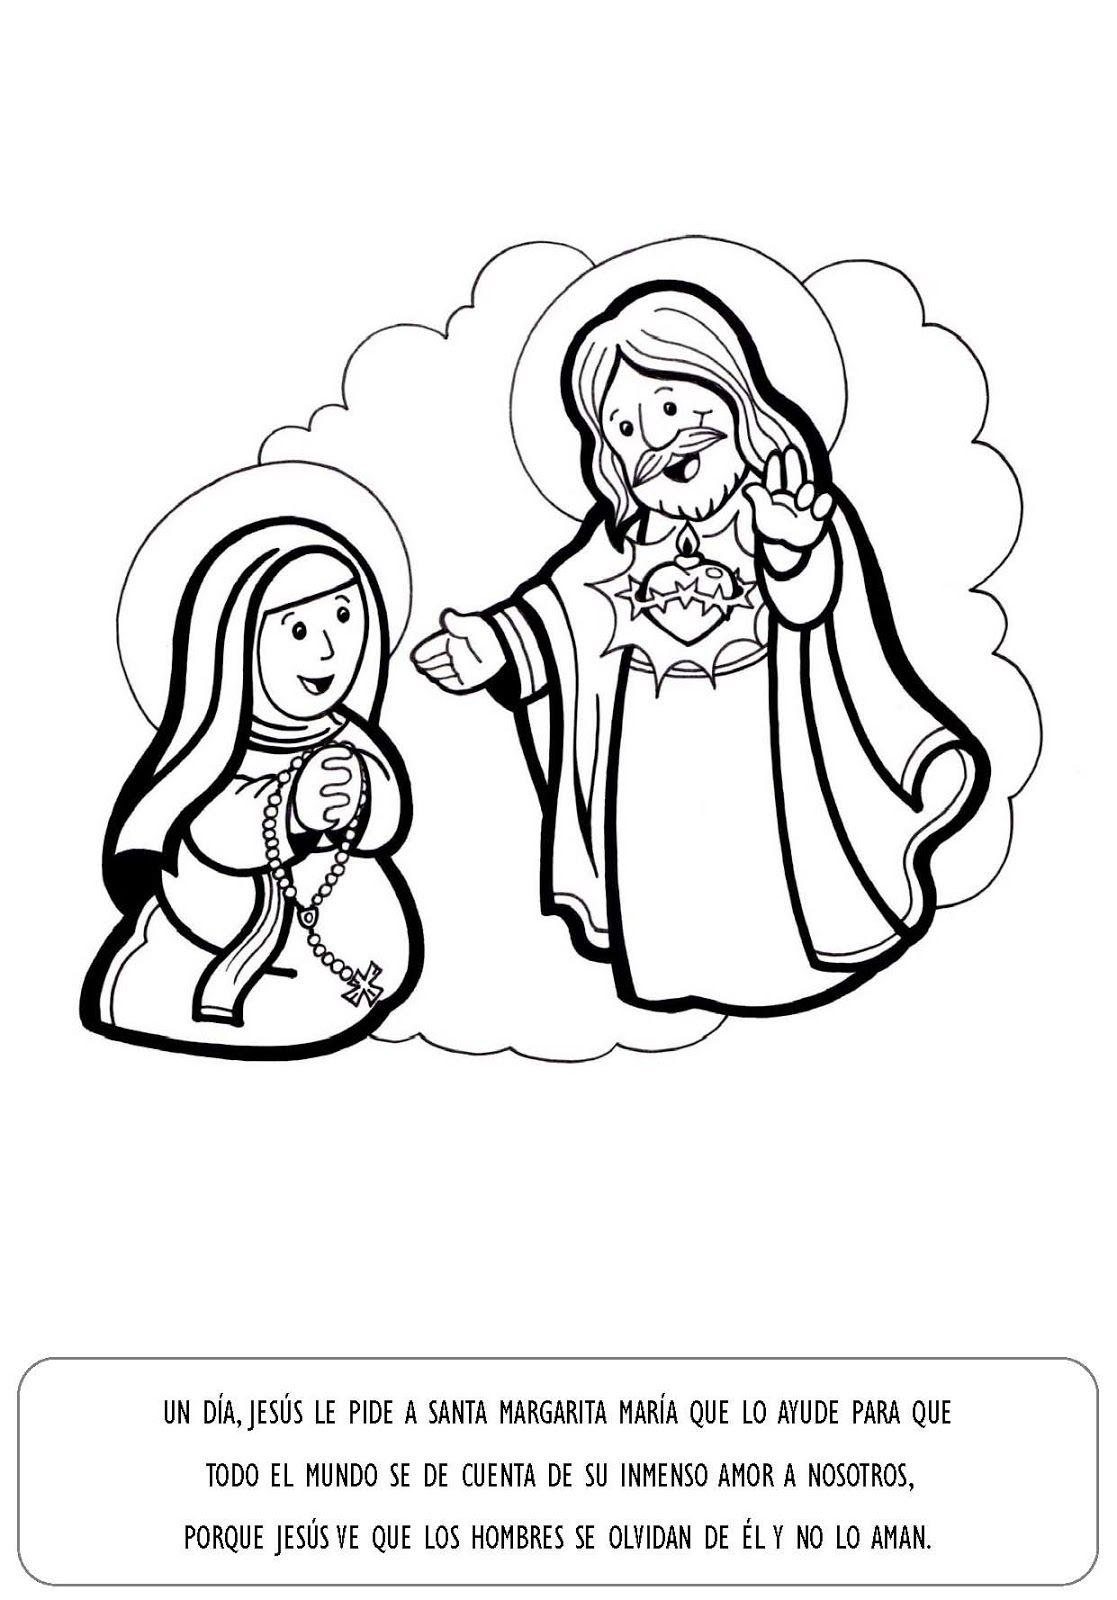 La Catequesis Explicacion Con Imagenes Para Ninos Sagrado Corazon De Jesus E Inmaculado Cor Sagrado Corazon De Jesus Corazon De Jesus Dia Del Sagrado Corazon